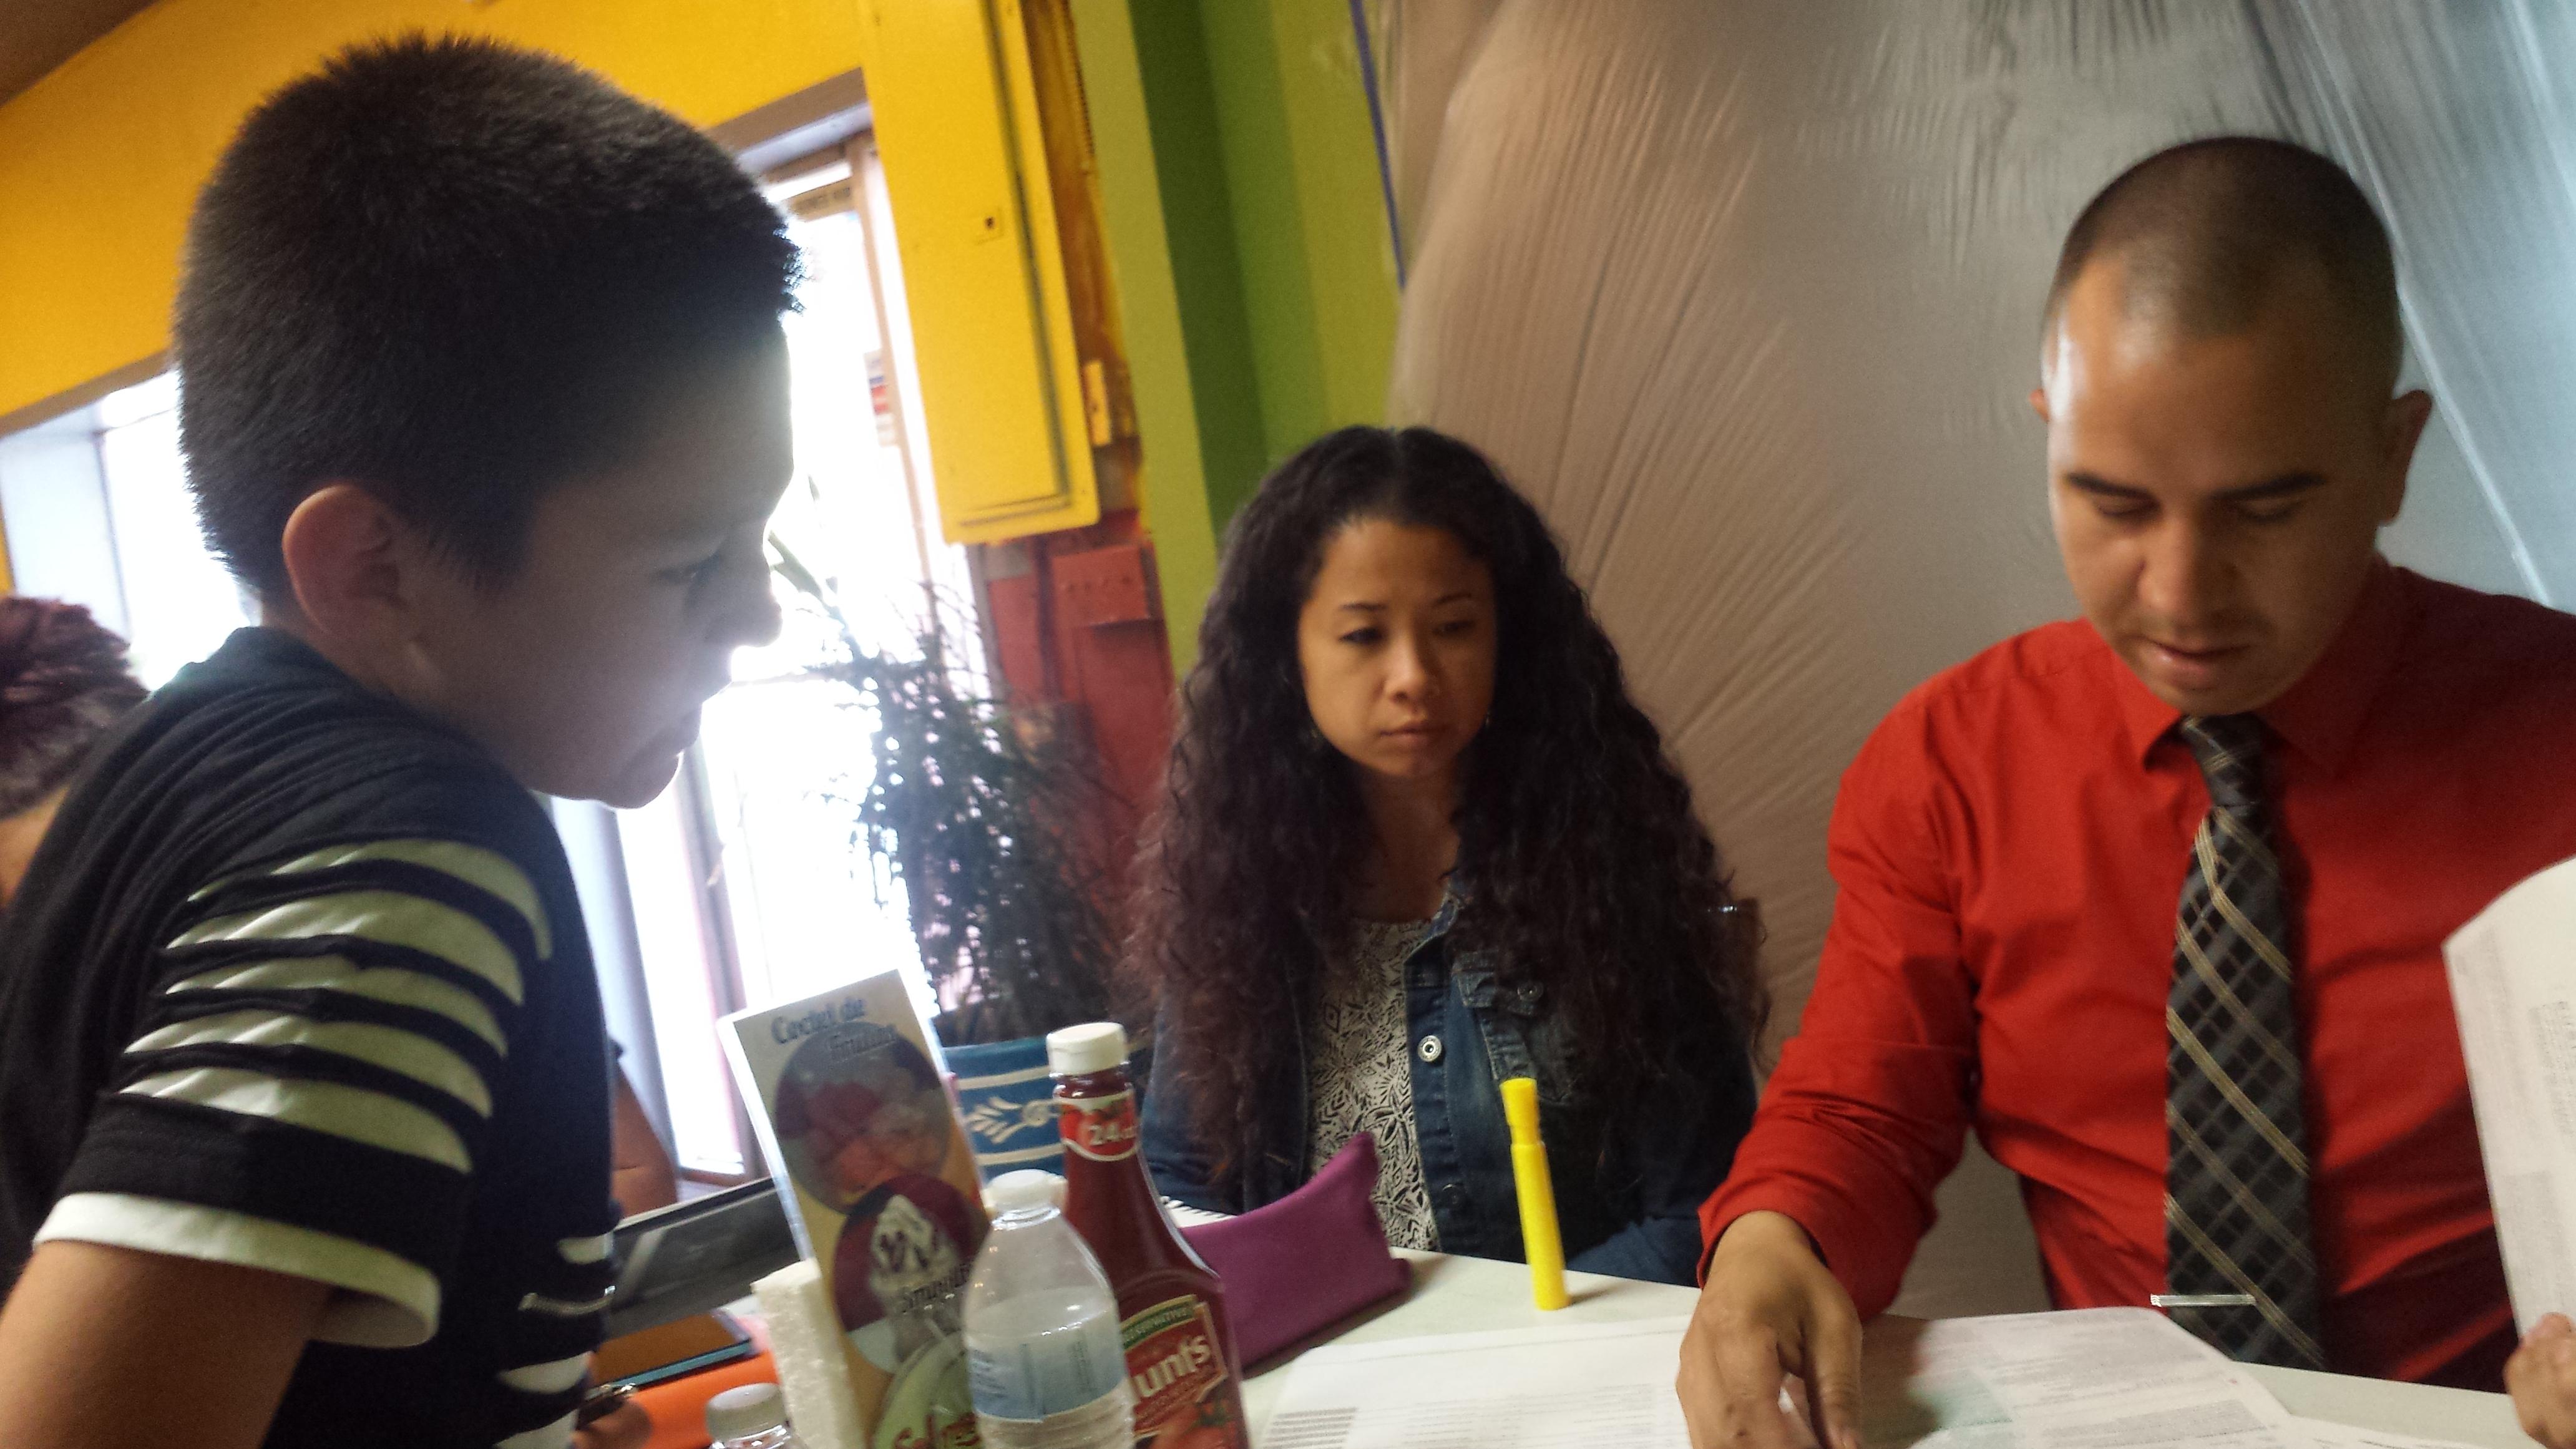 Isaiah Rocha Morales, joven activista recibe instrucciones sobre cómo registrar votantes. Foto: Rubén Tapia.